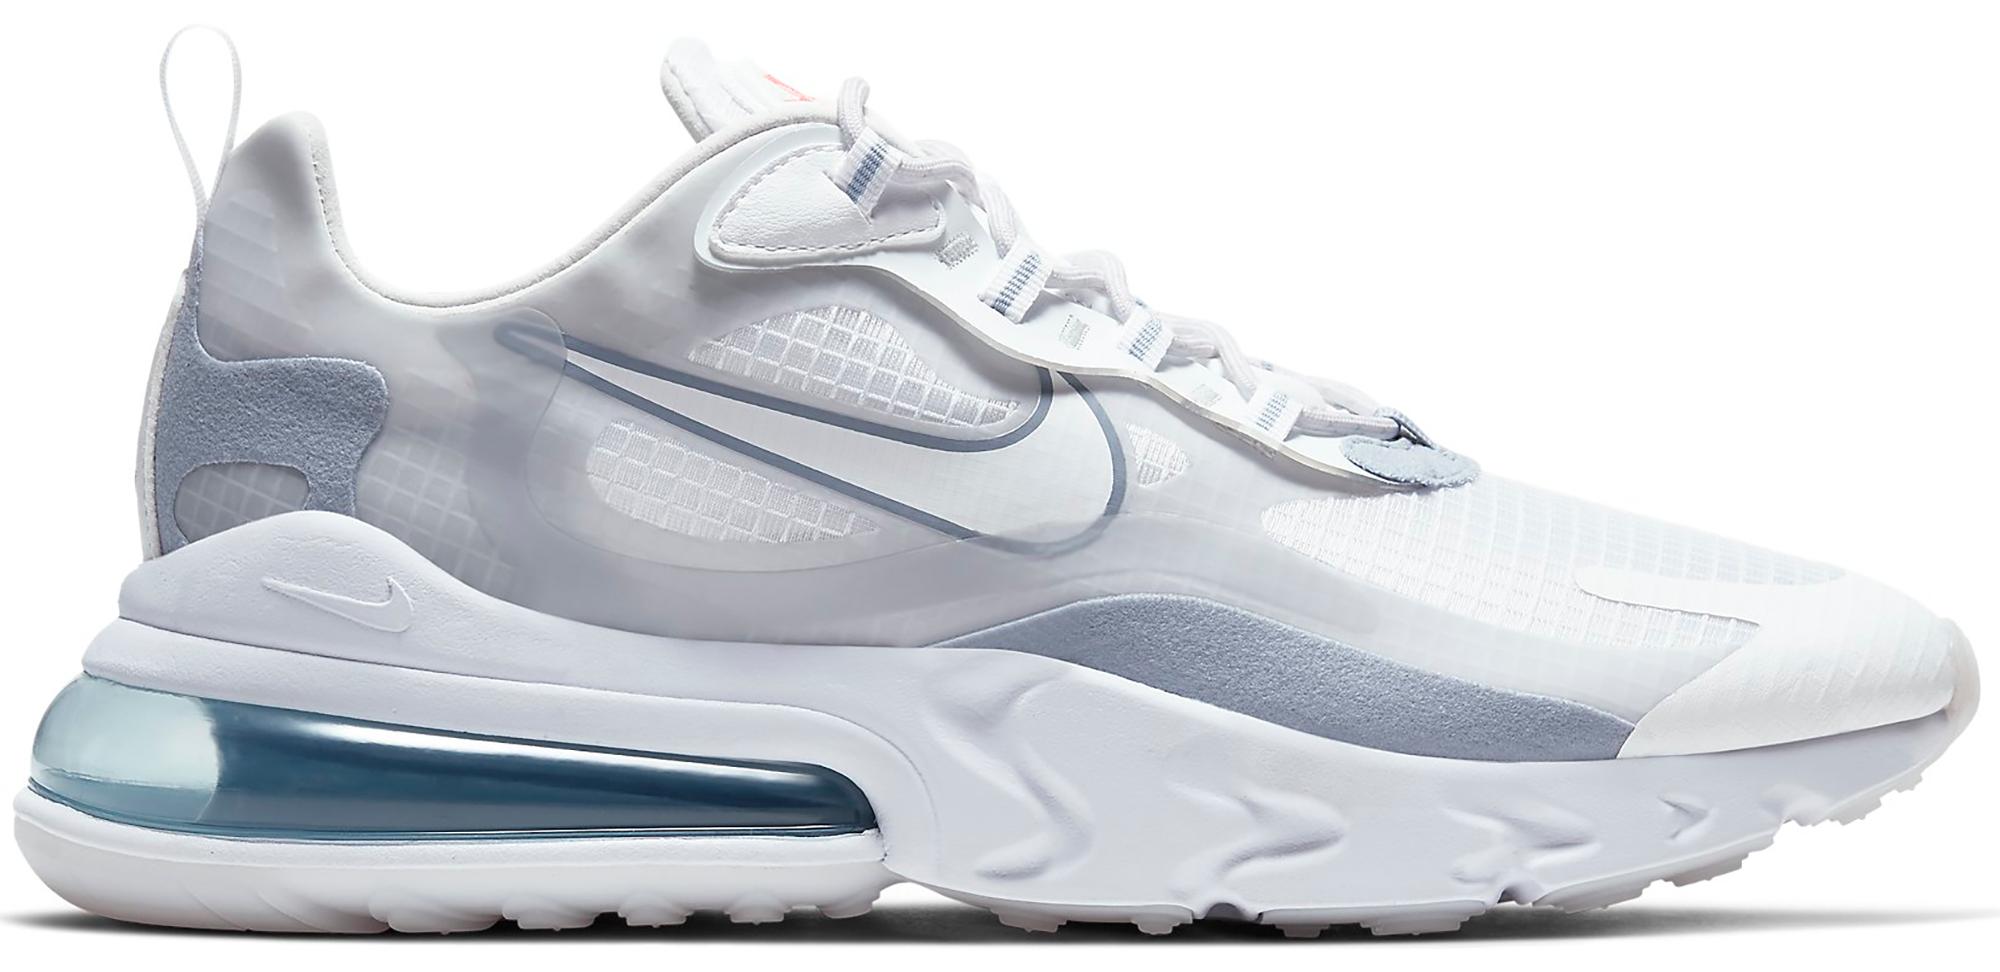 Nike Air Max 270 React White Pure